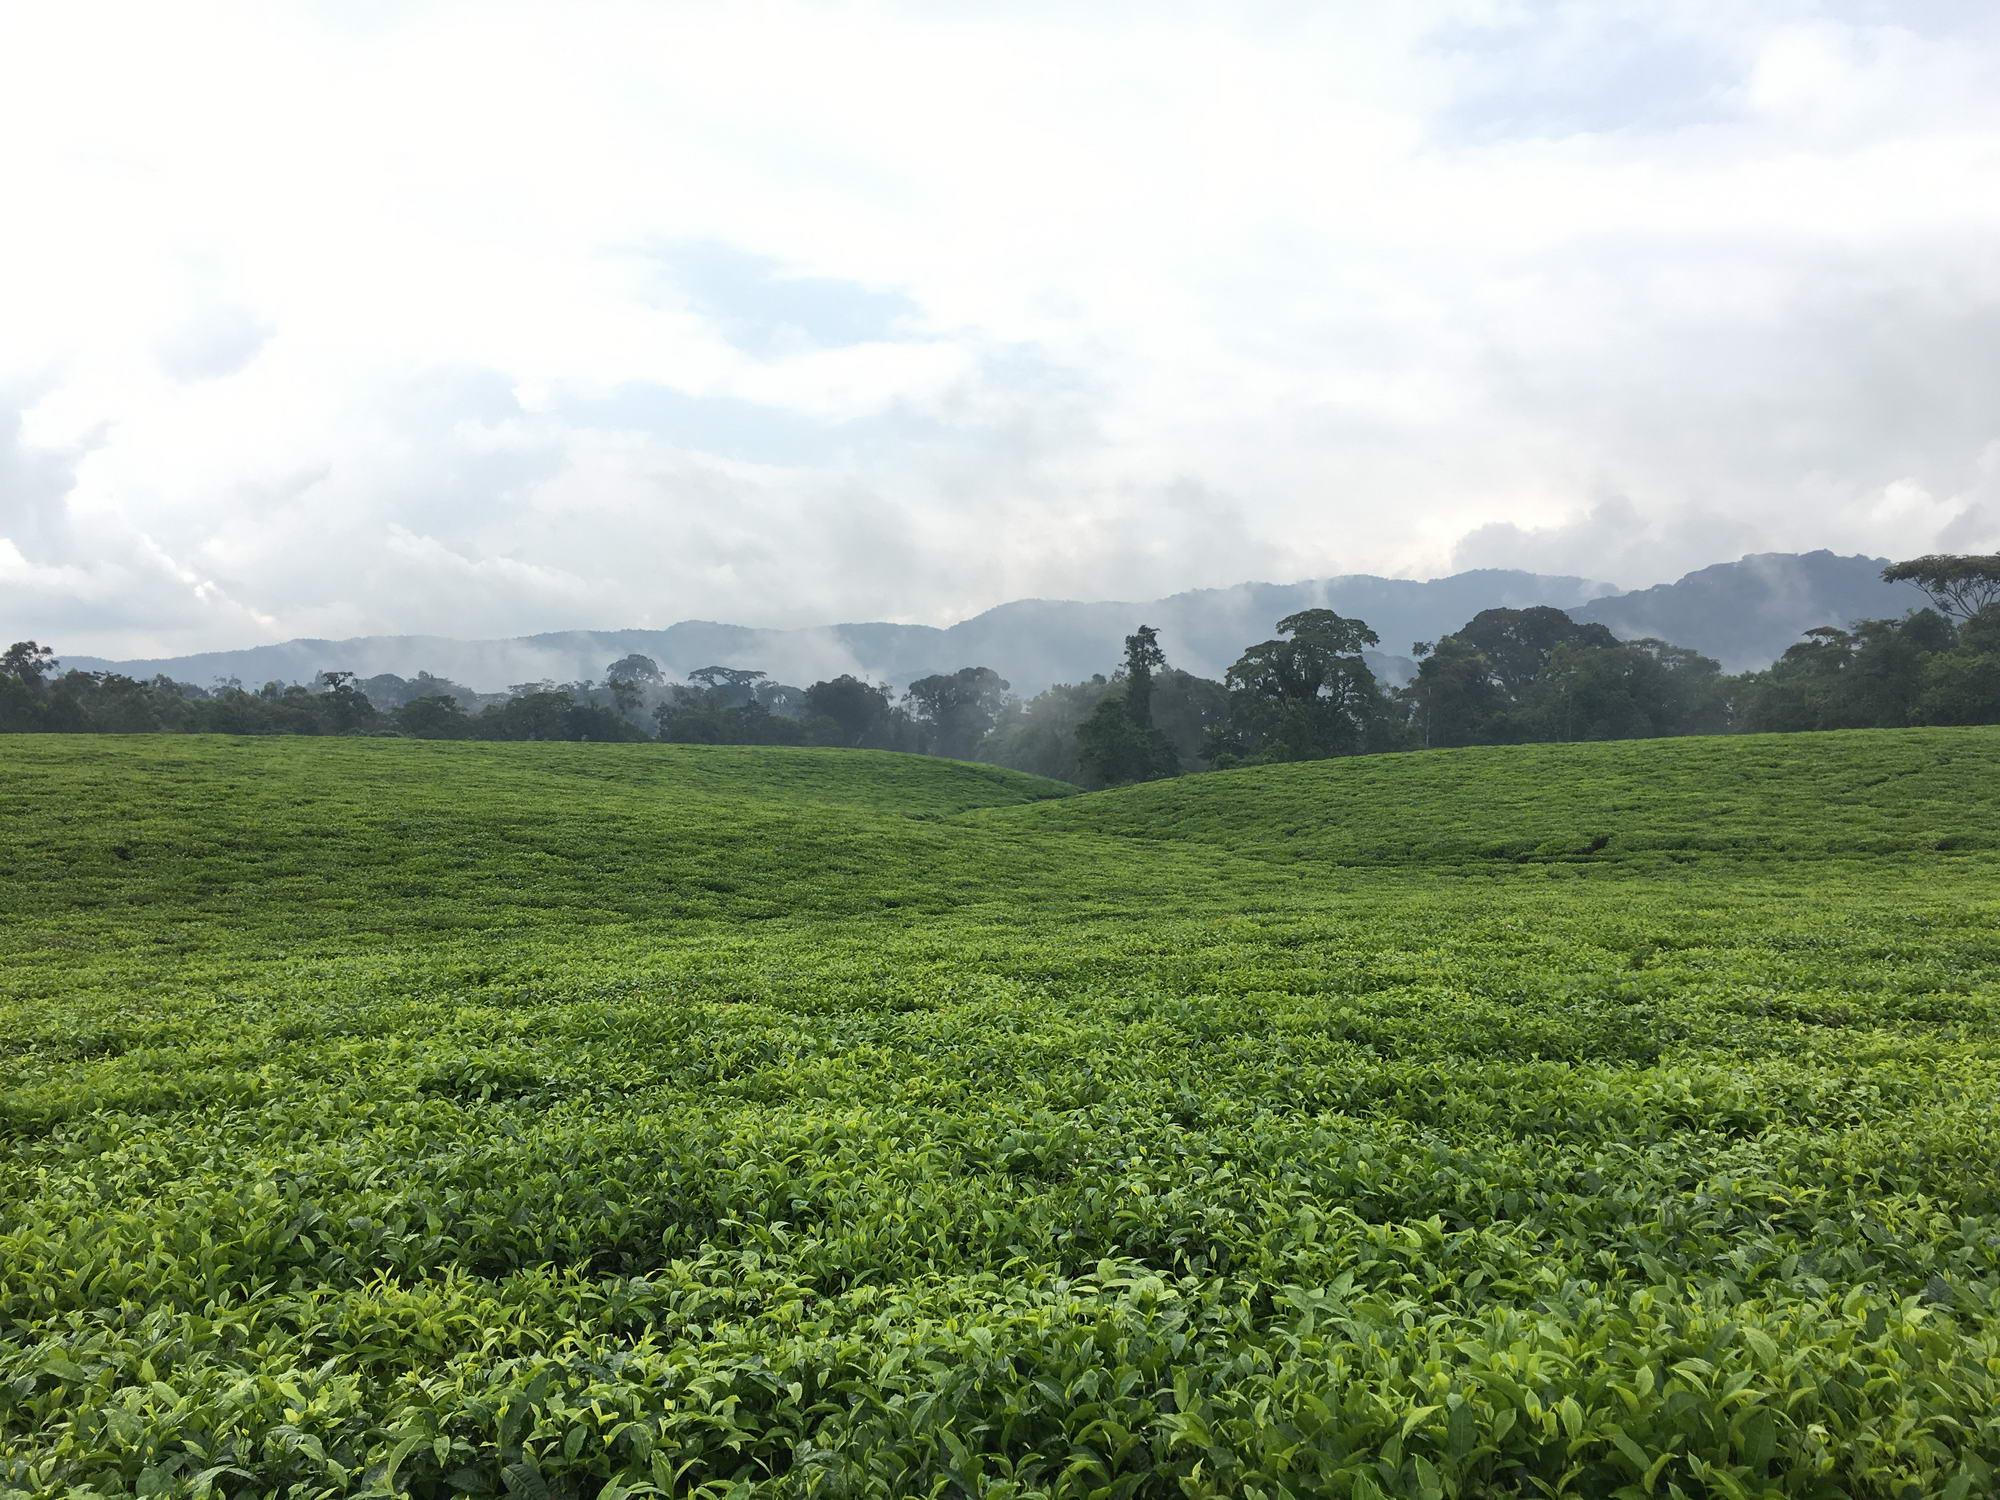 čajne plantaže brez meja